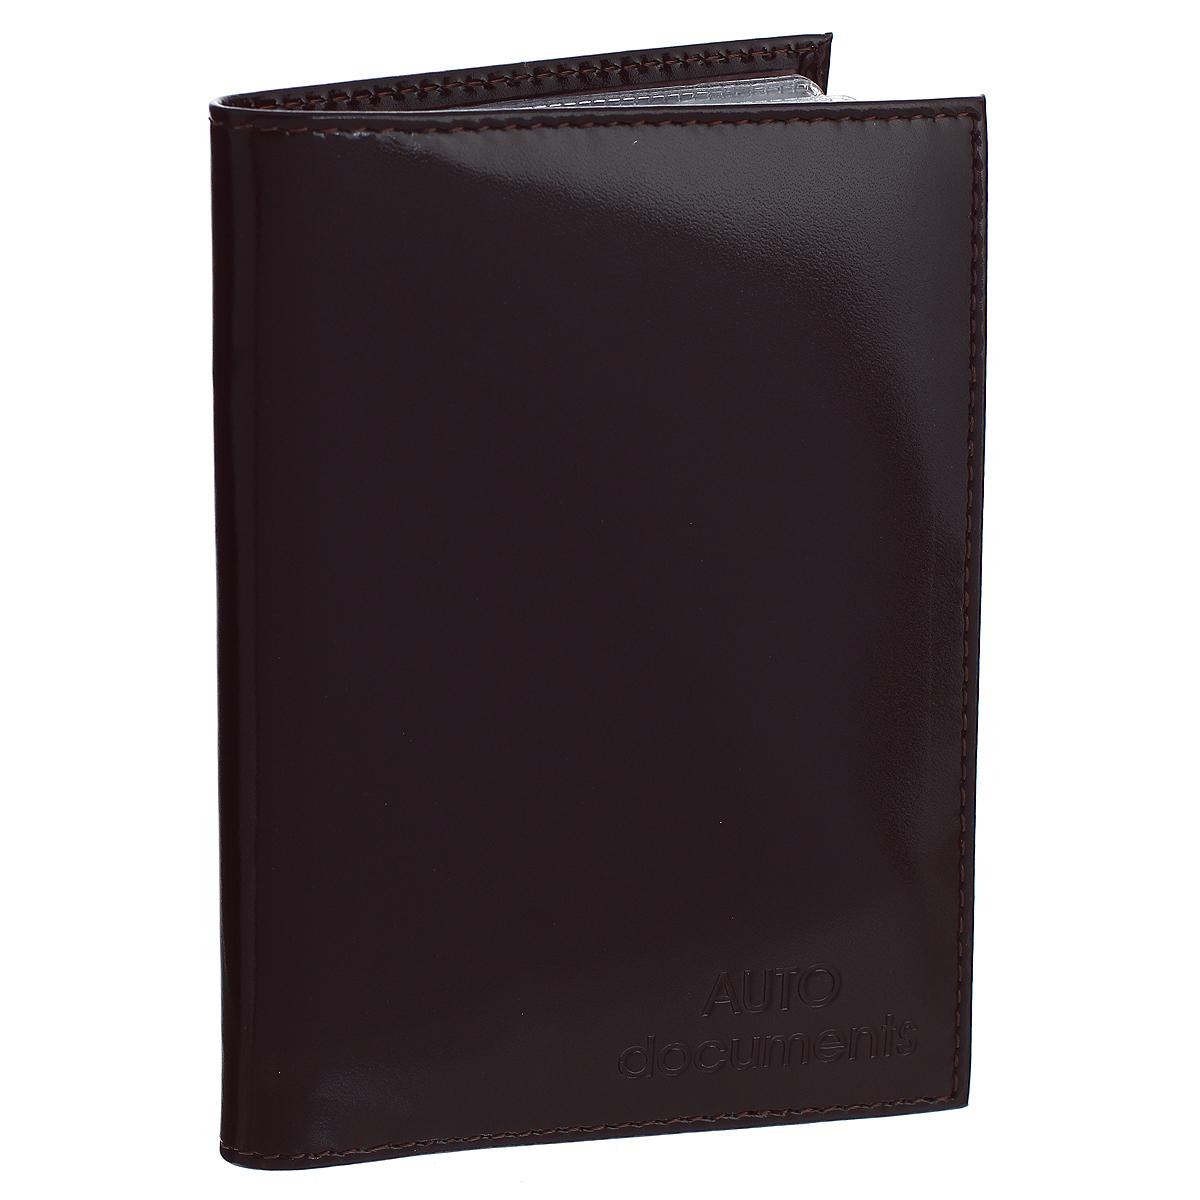 Бумажник водителя Befler Classic, цвет: темно-коричневый. BV.20.-1BV.20.-1.brownБумажник водителя Befler Classic выполнен из натуральной гладкой кожи. На внутреннем развороте имеет один глубокий вертикальный карман из кожи и 4 прорезных кармашка для кредитных карт и визиток, прозрачный кармашек и внутренний блок для водительских документов из прозрачного пластика (6 карманов). Такой бумажник станет отличным подарком для человека, ценящего качественные и необычные вещи.